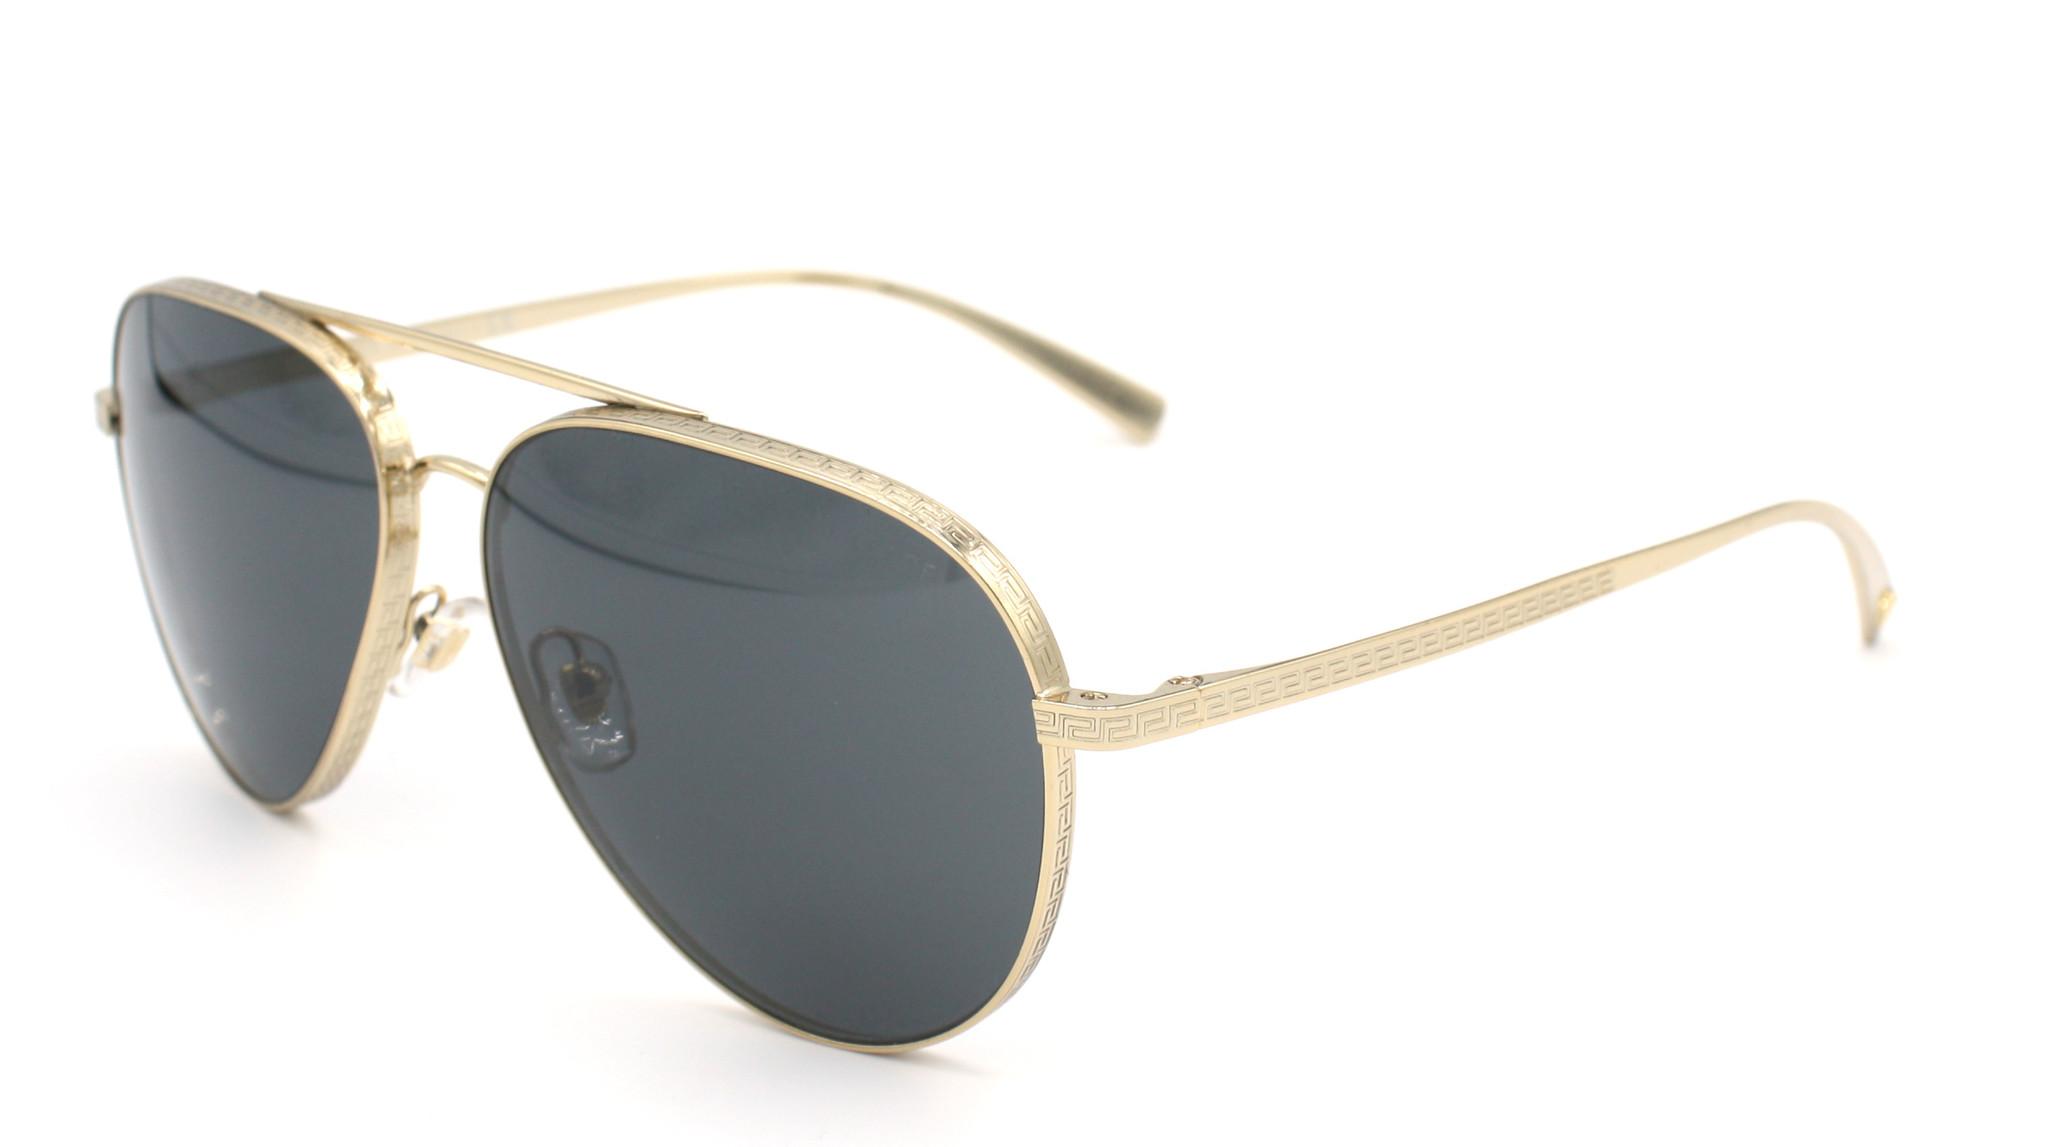 Versace - VE2217 - 10028759-2